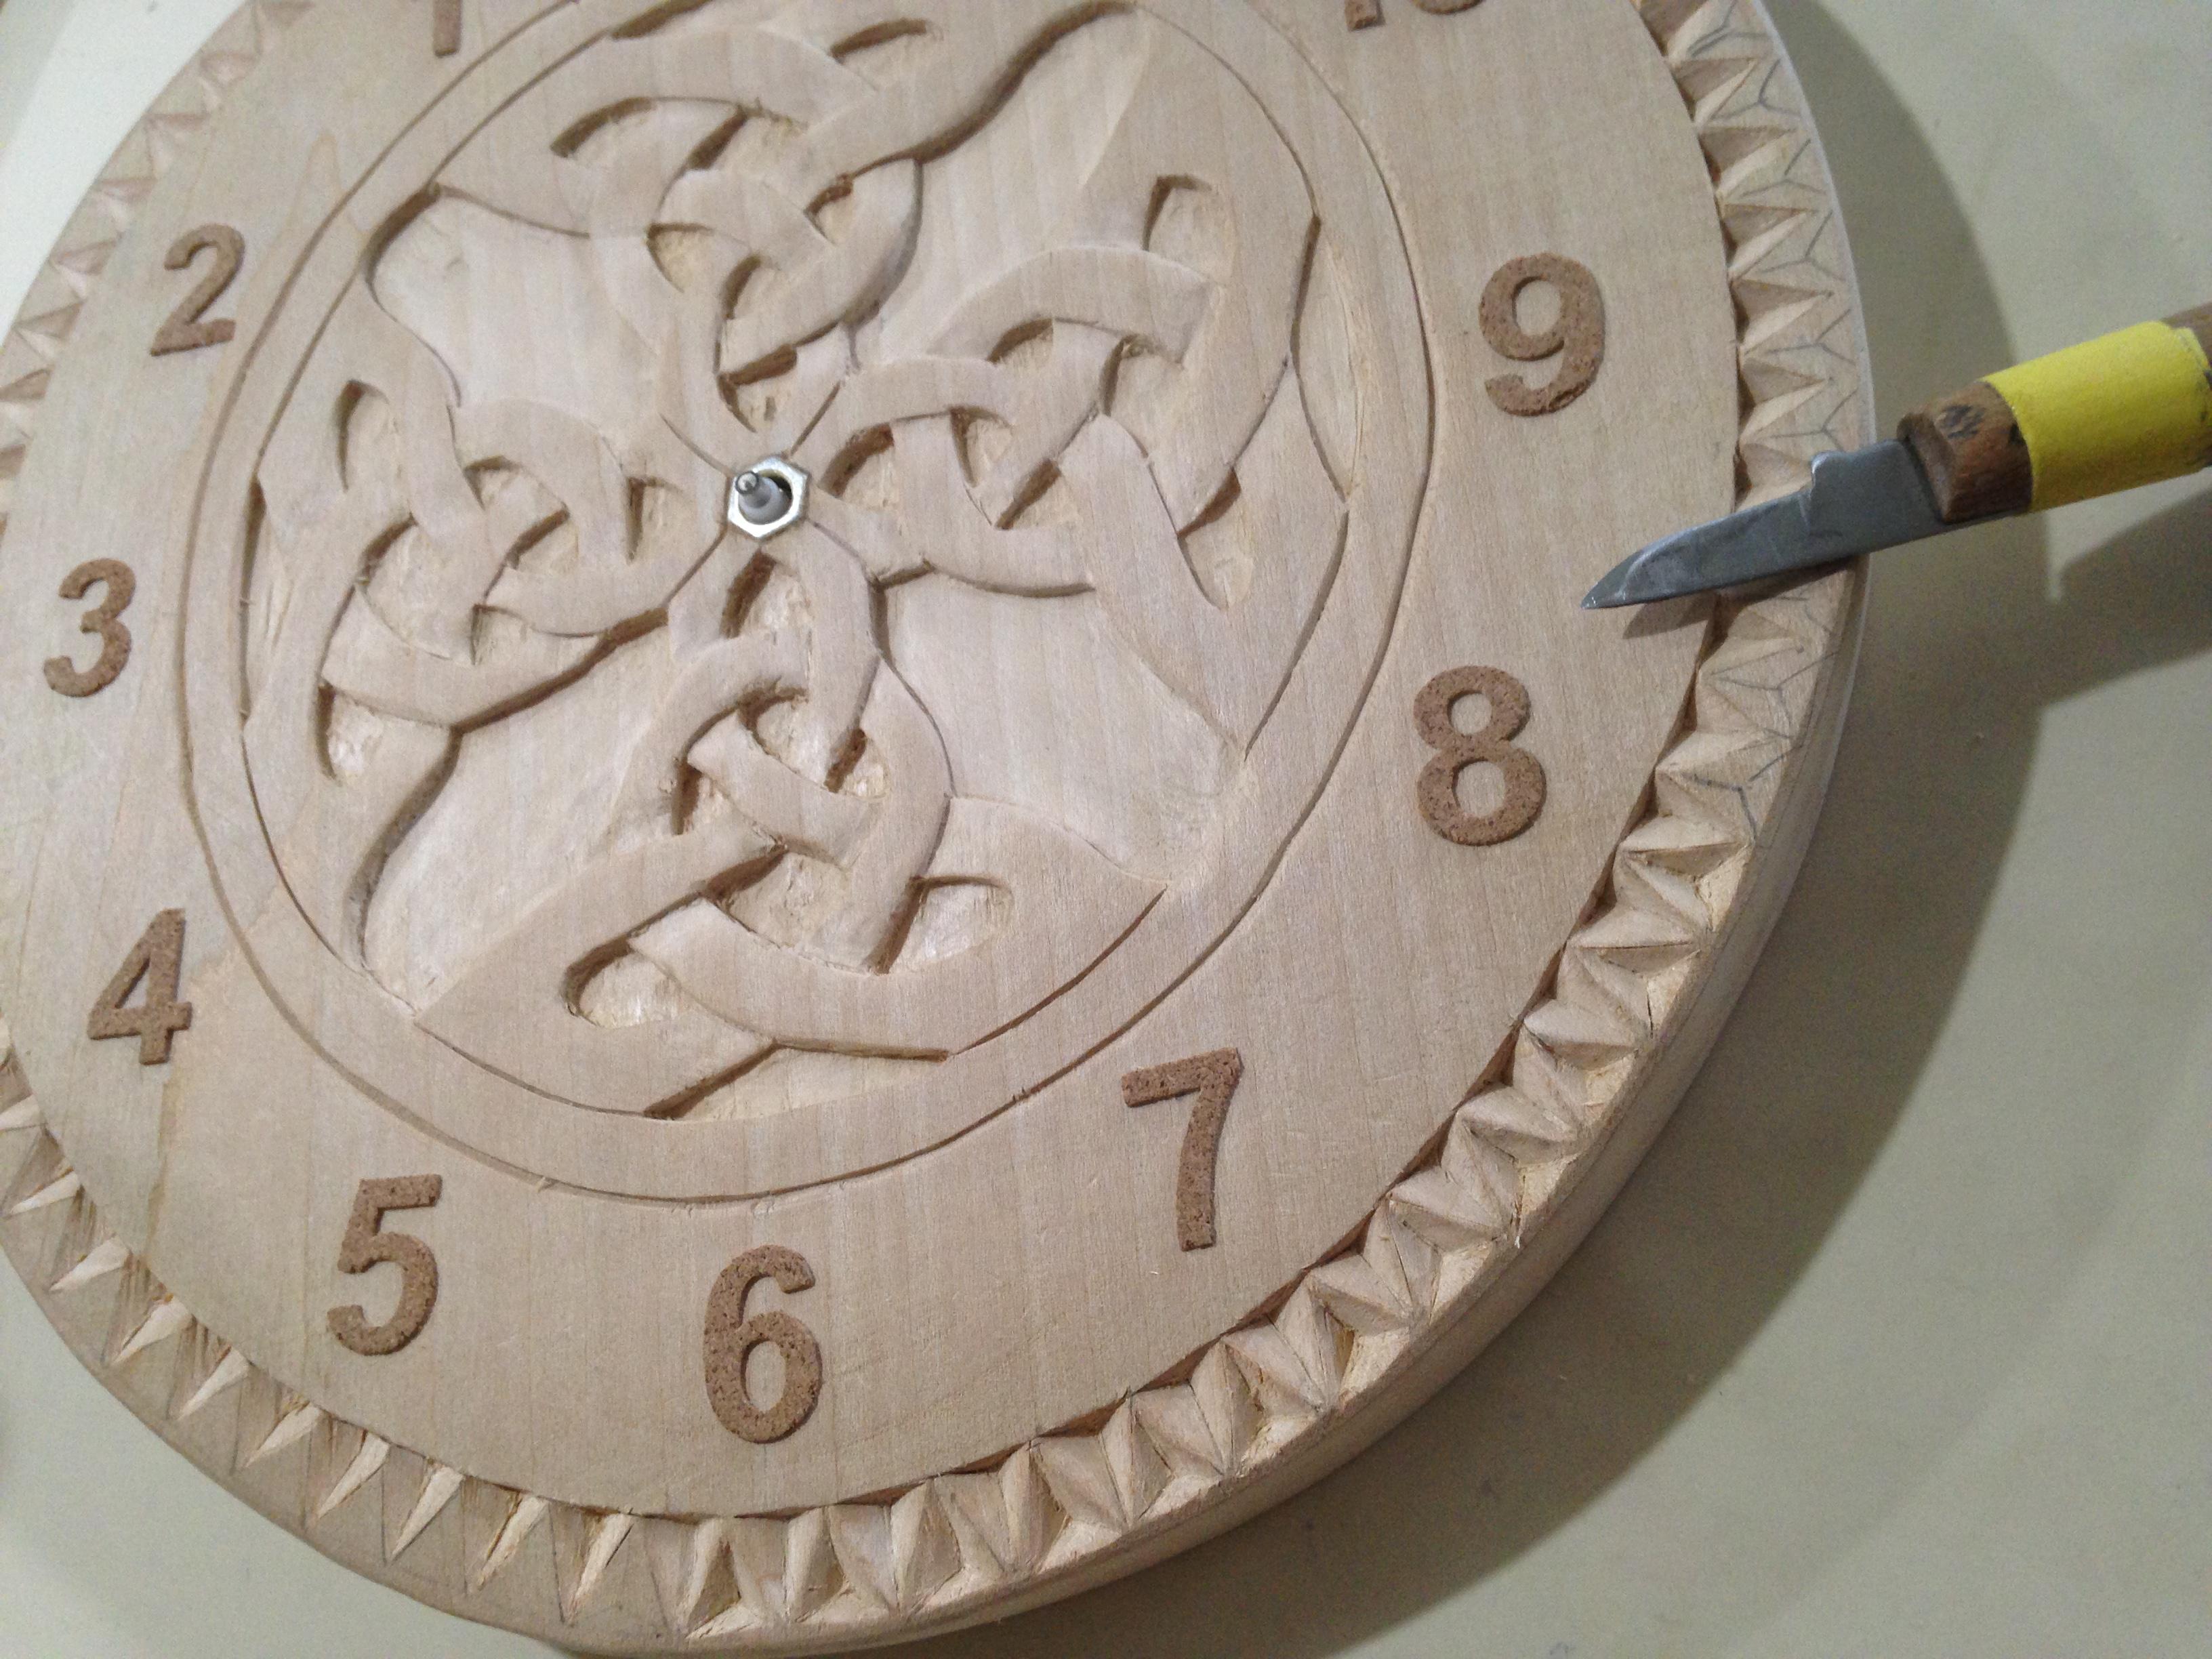 Horloge inversee